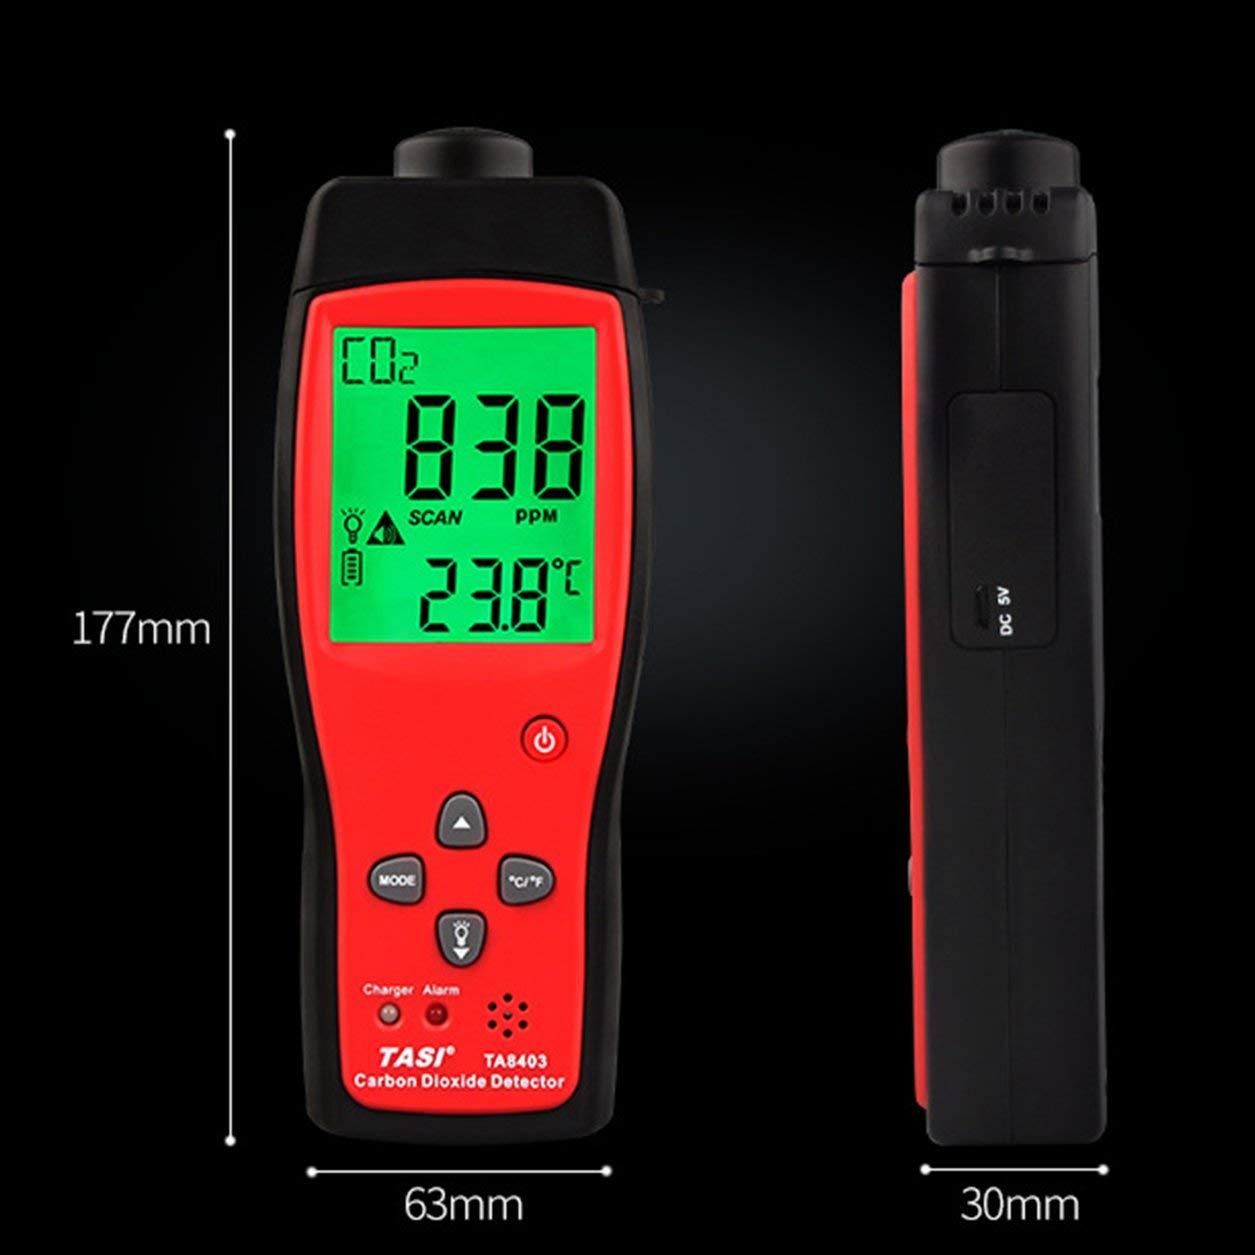 Dióxido de Carbono TA8403 portátil probador del medidor de CO2 Detector Analizador Monitor de CO2: Amazon.es: Bricolaje y herramientas